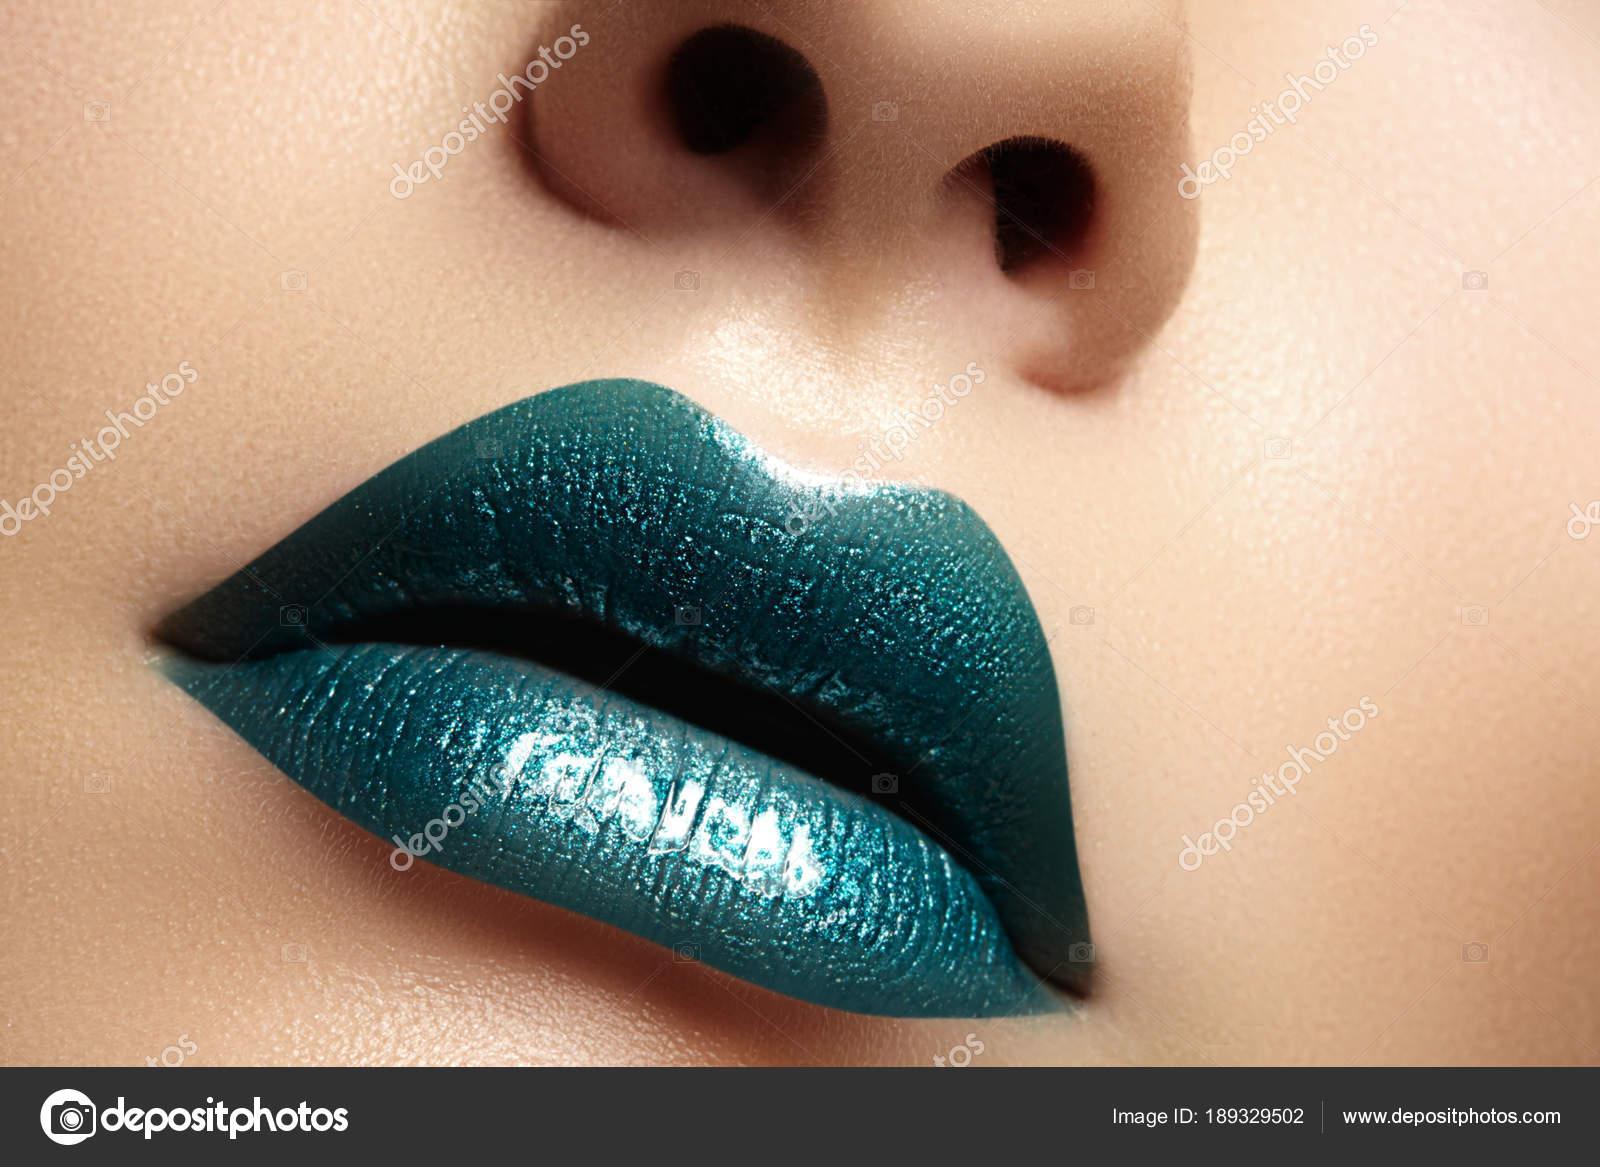 Эротические фотографии женских губ — pic 11